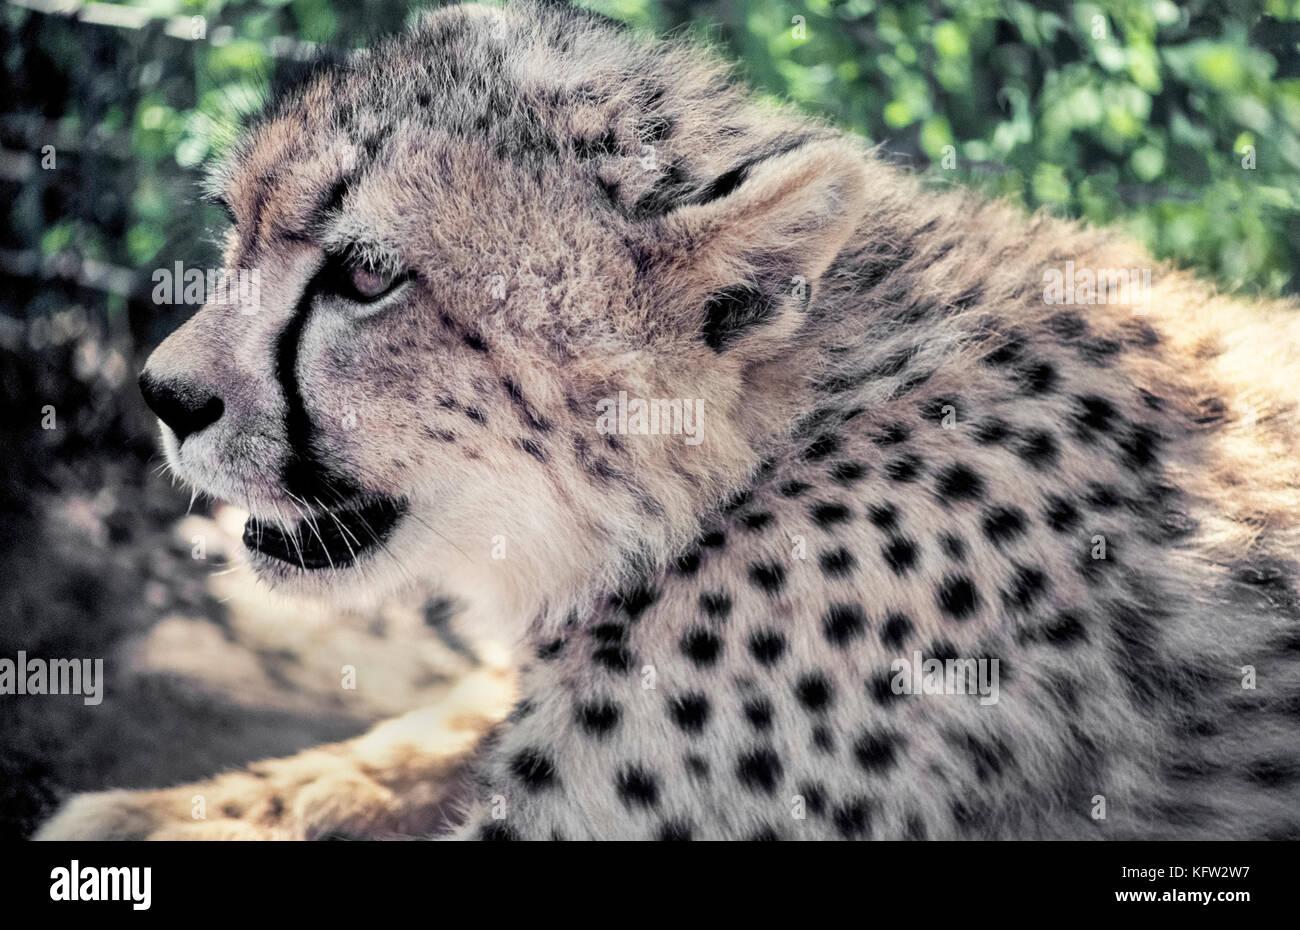 Un perfil de cerca de la cara de un joven guepardo (Acinonyx jubatus) muestra el animal más característicos del marcado, un negro como lacrimógeno streak running abajo de cada ojo a la boca. Las bandas están pensadas para proteger los ojos contra el resplandor del sol. Otra característica distintiva son las manchas de color negro sólido en un Cheetah's coat que ayudan a camuflar el animal terrestre más rápido del mundo y África la mayoría de grandes felinos en peligro de extinción. Fotografiado en Zululand, Sudáfrica. Foto de stock